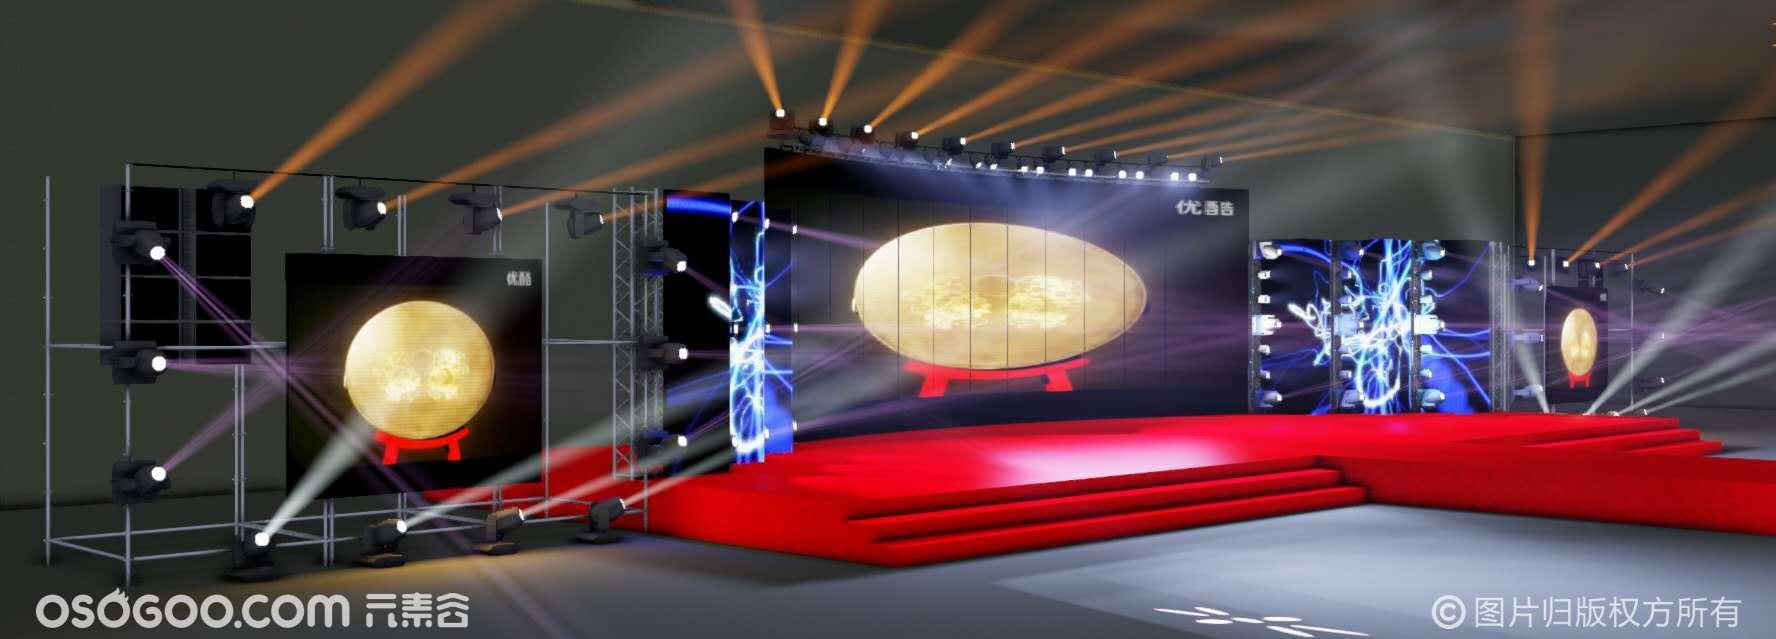 厦门舞台搭建,厦门布置会场,厦门活动执行,厦门LED大屏幕,